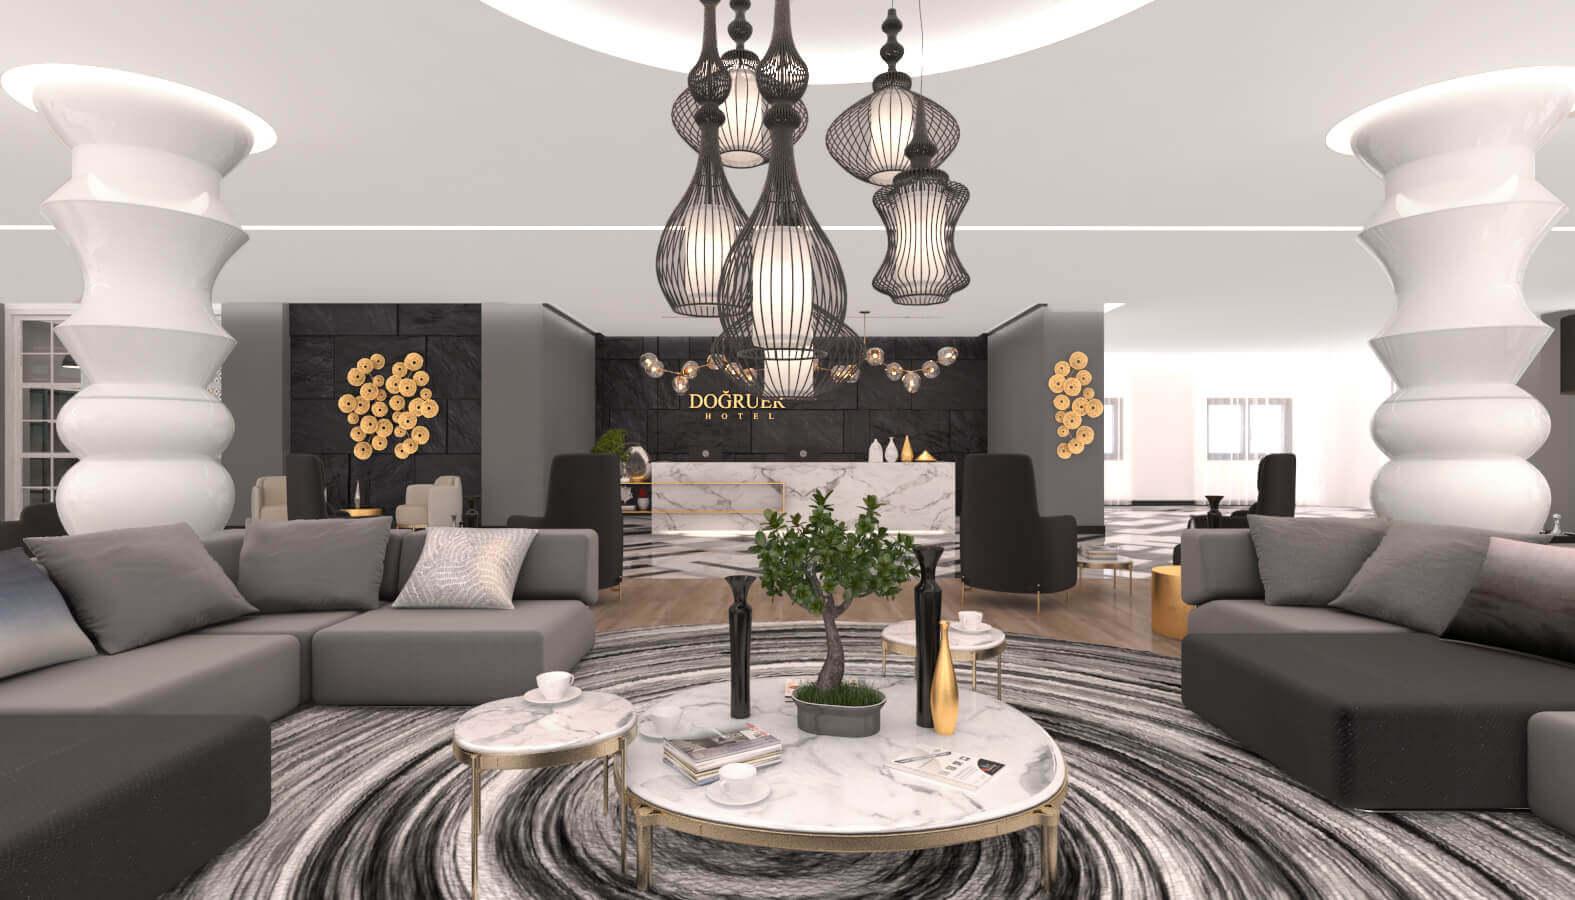 otel tasarımı 3580 Doğruer hotel Oteller